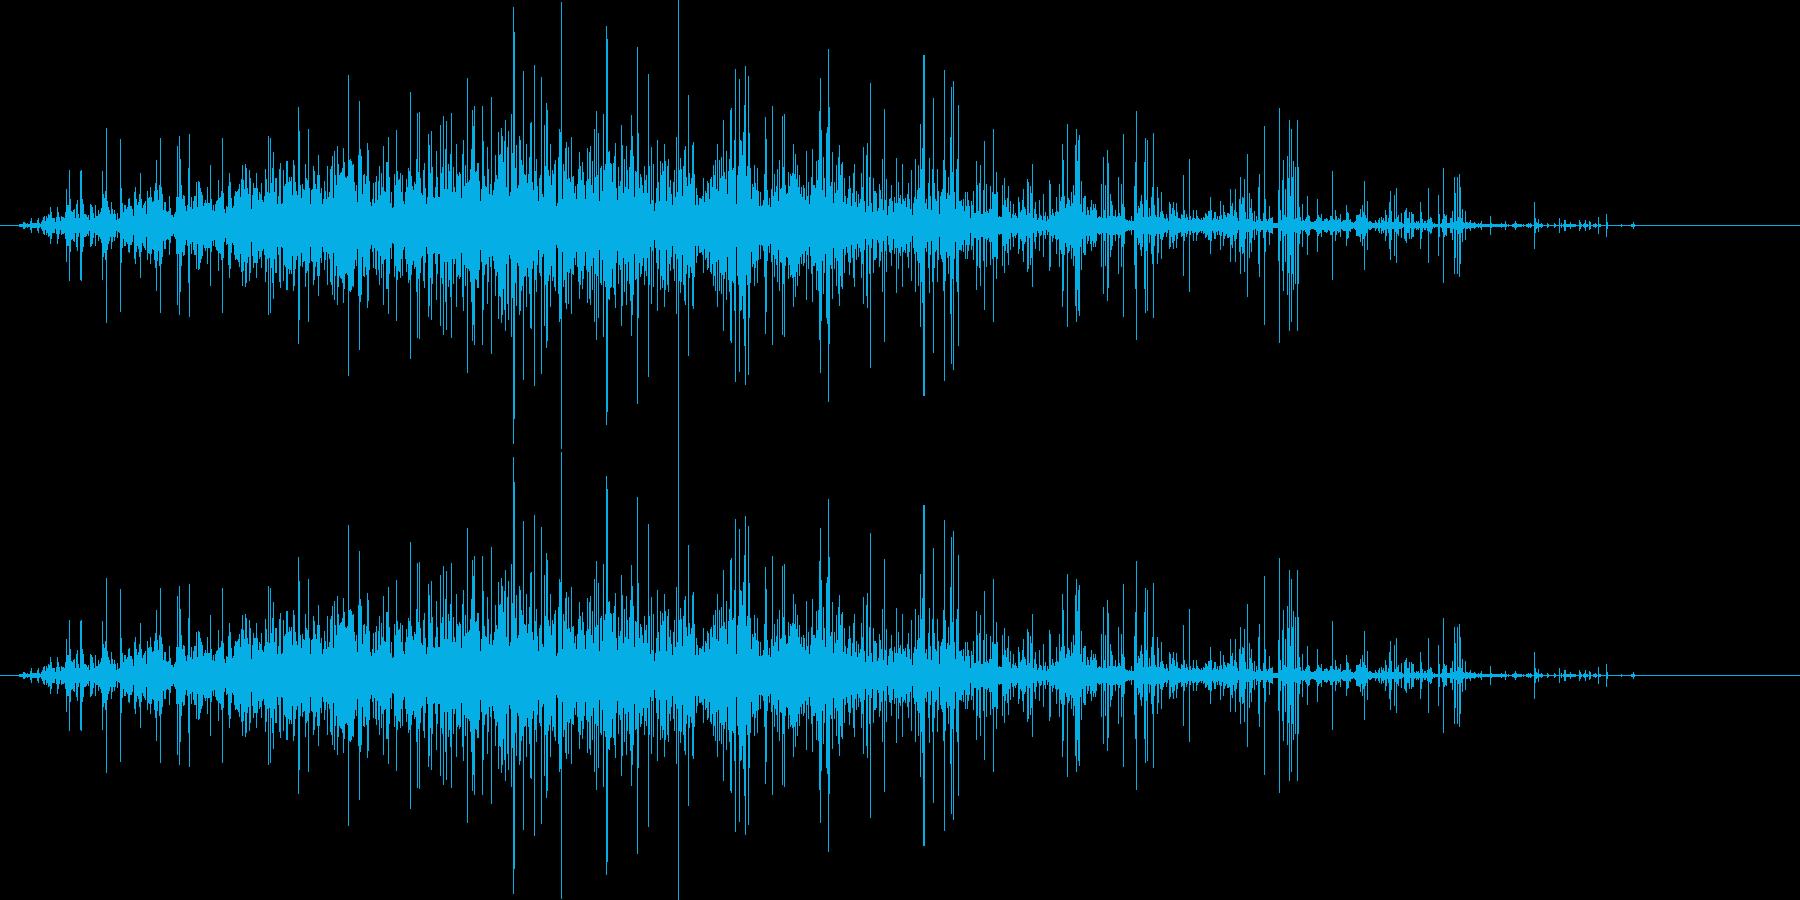 ごろごろガラガラ 瓦礫が崩れる音2の再生済みの波形